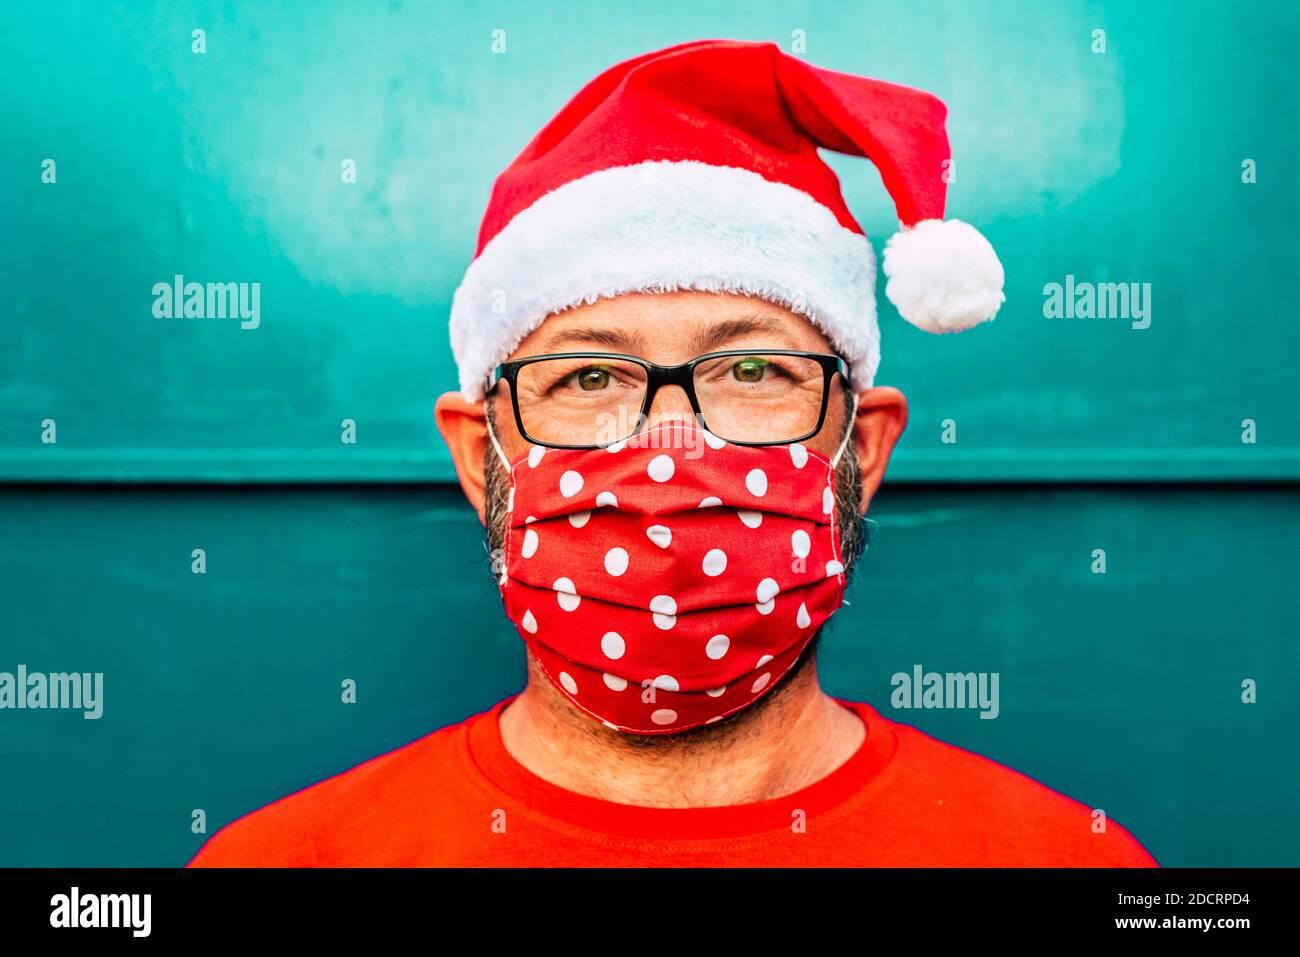 Portrait d'un homme de race blanche adulte portant un masque de protection rouge pour coronavirus vocid-19 et chapeau de chrismtas du père noël - concept de personnes seules pendant ho Banque D'Images